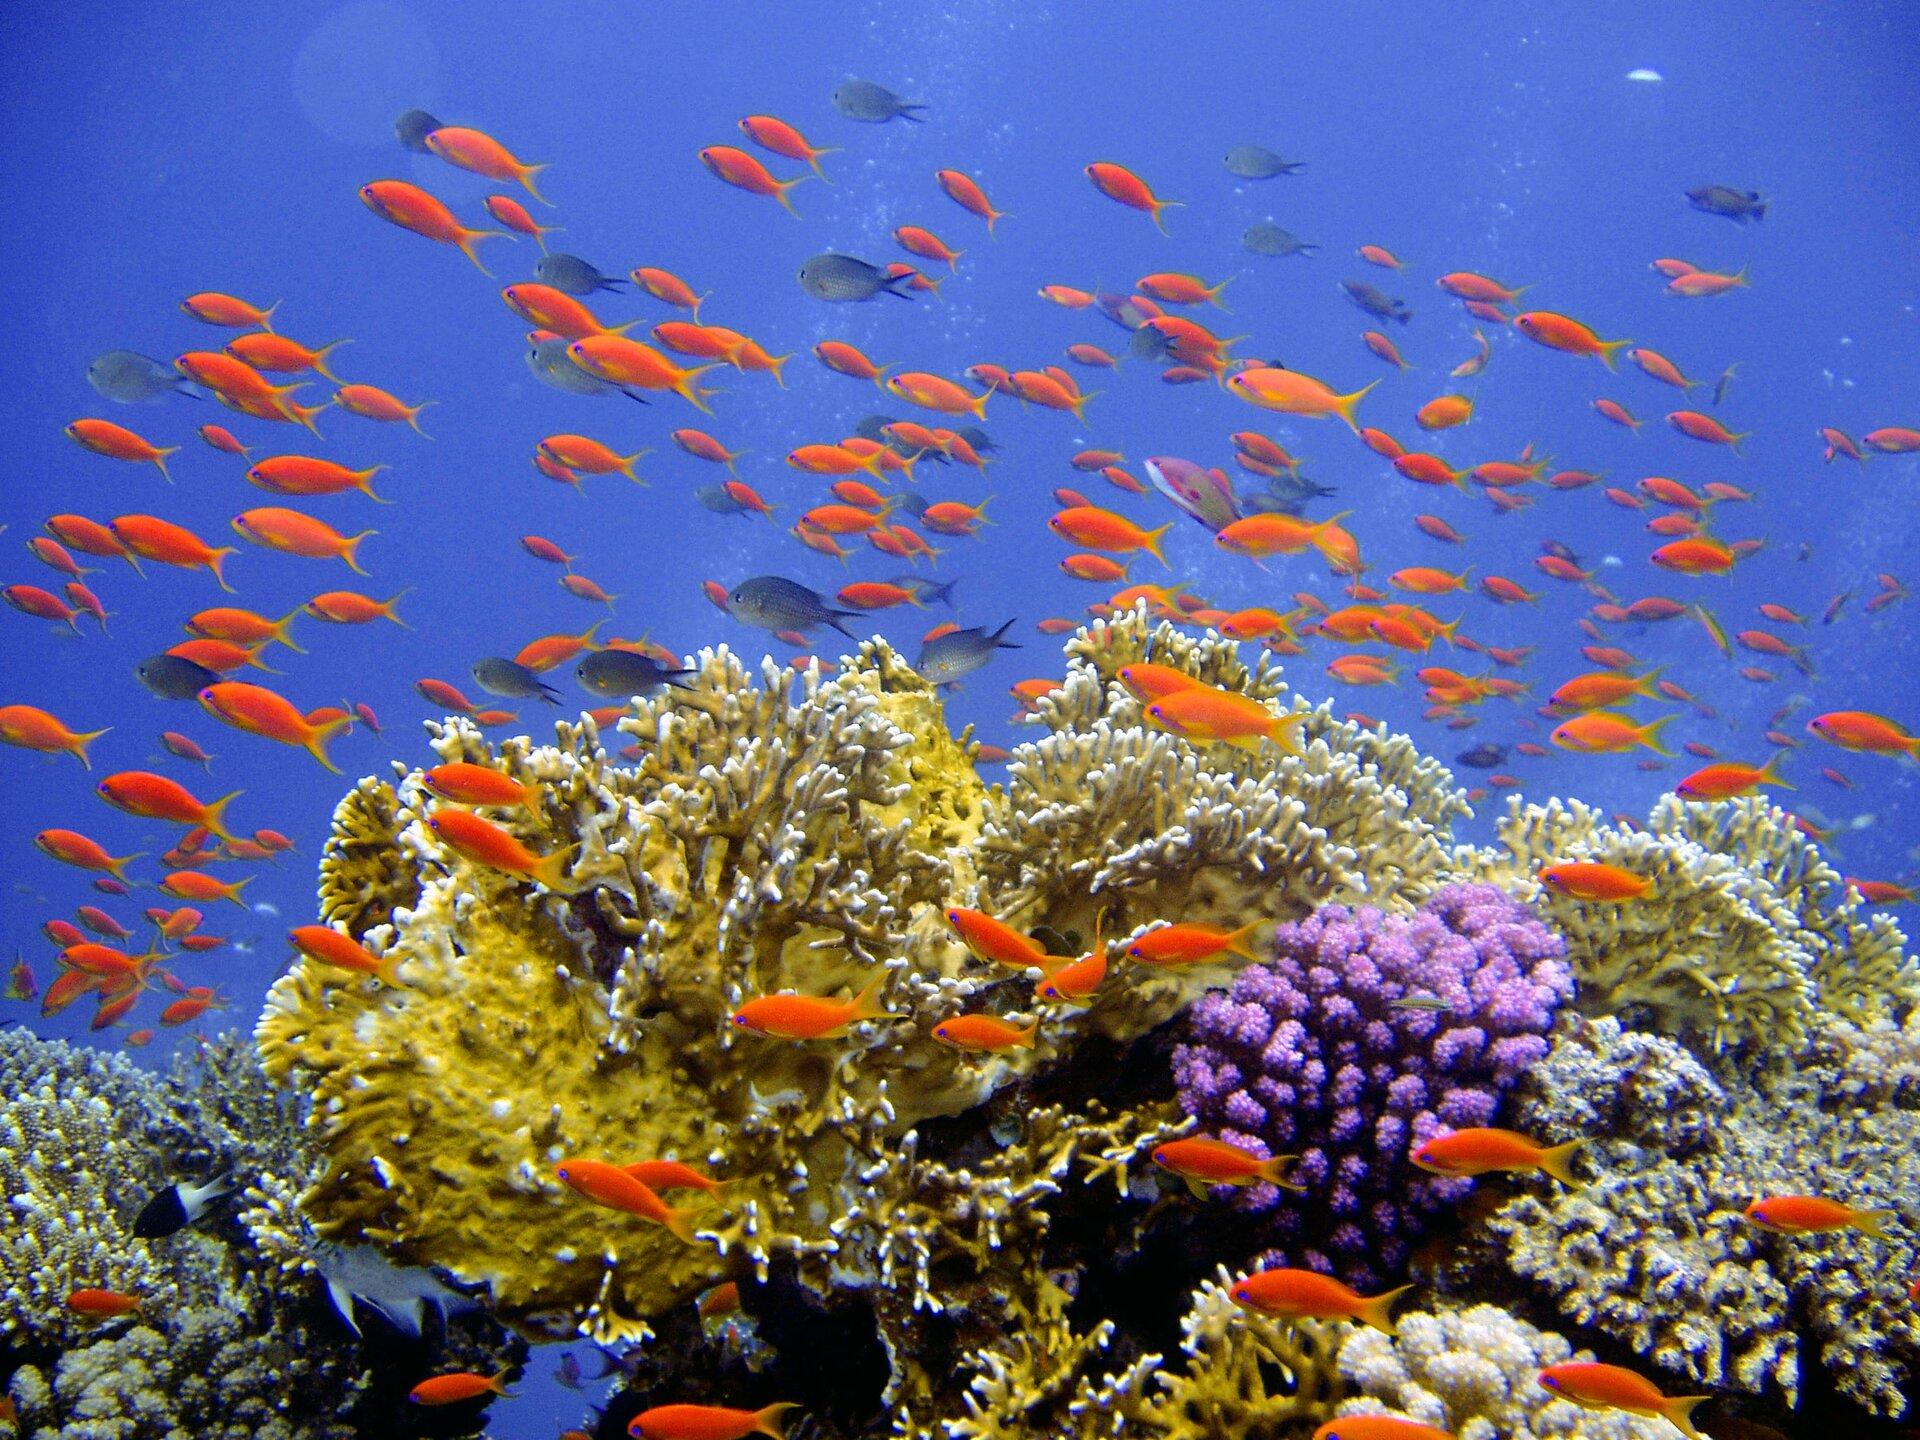 Fotografia prezentuje kolorową rafę koralową składającą się zróżnych organizmów. Organizmy budujące rafę mają barwę: fioletową, żółtą, białą iszarą. Pomiędzy koralami rafy oraz nad nią pływają pomarańczowe ryby. Woda morska jest bardzo dobrze oświetlona ima niebieski kolor..